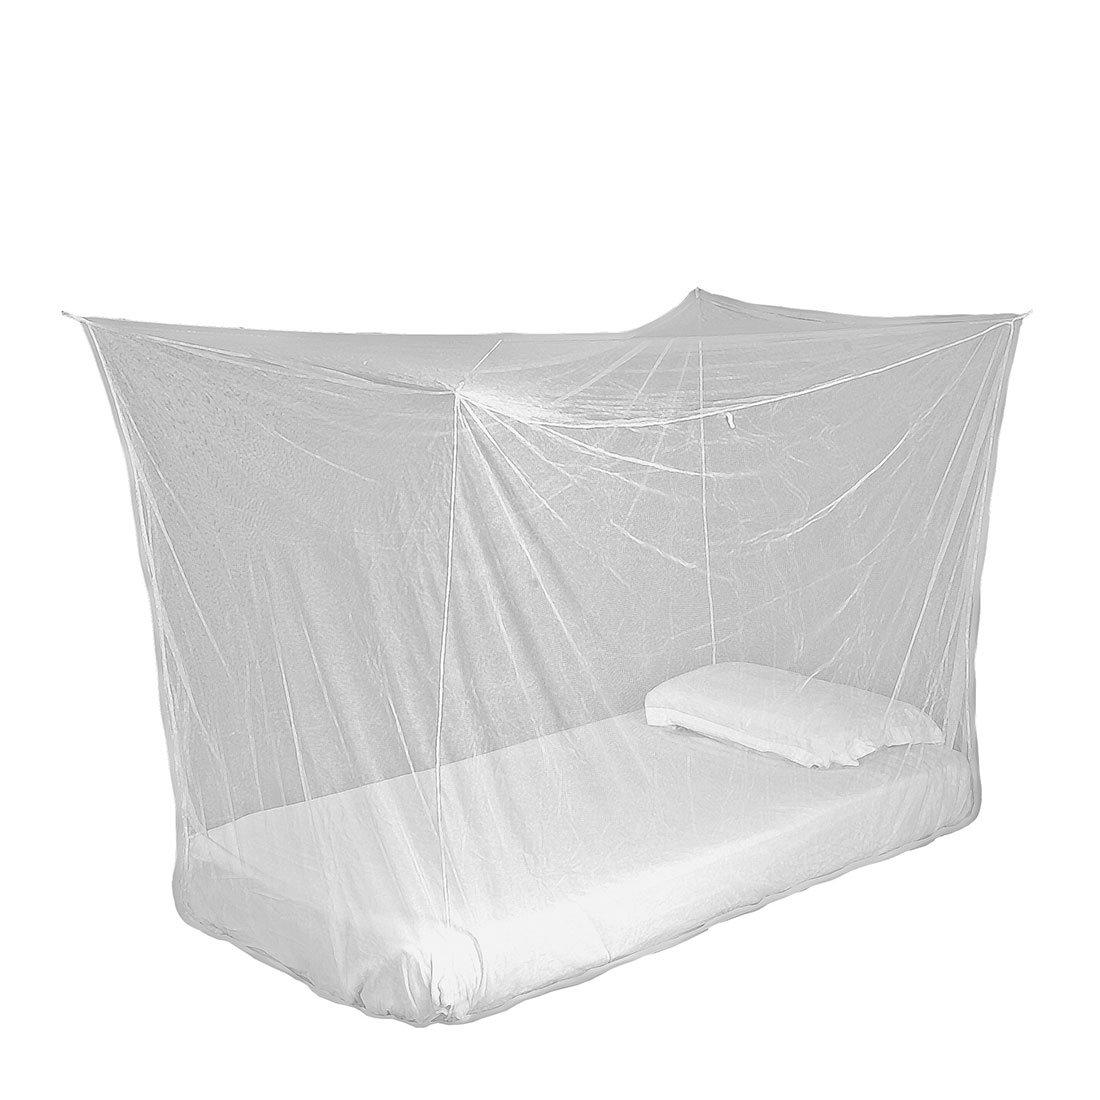 Box Mosquito Net Box Net Lifesystems